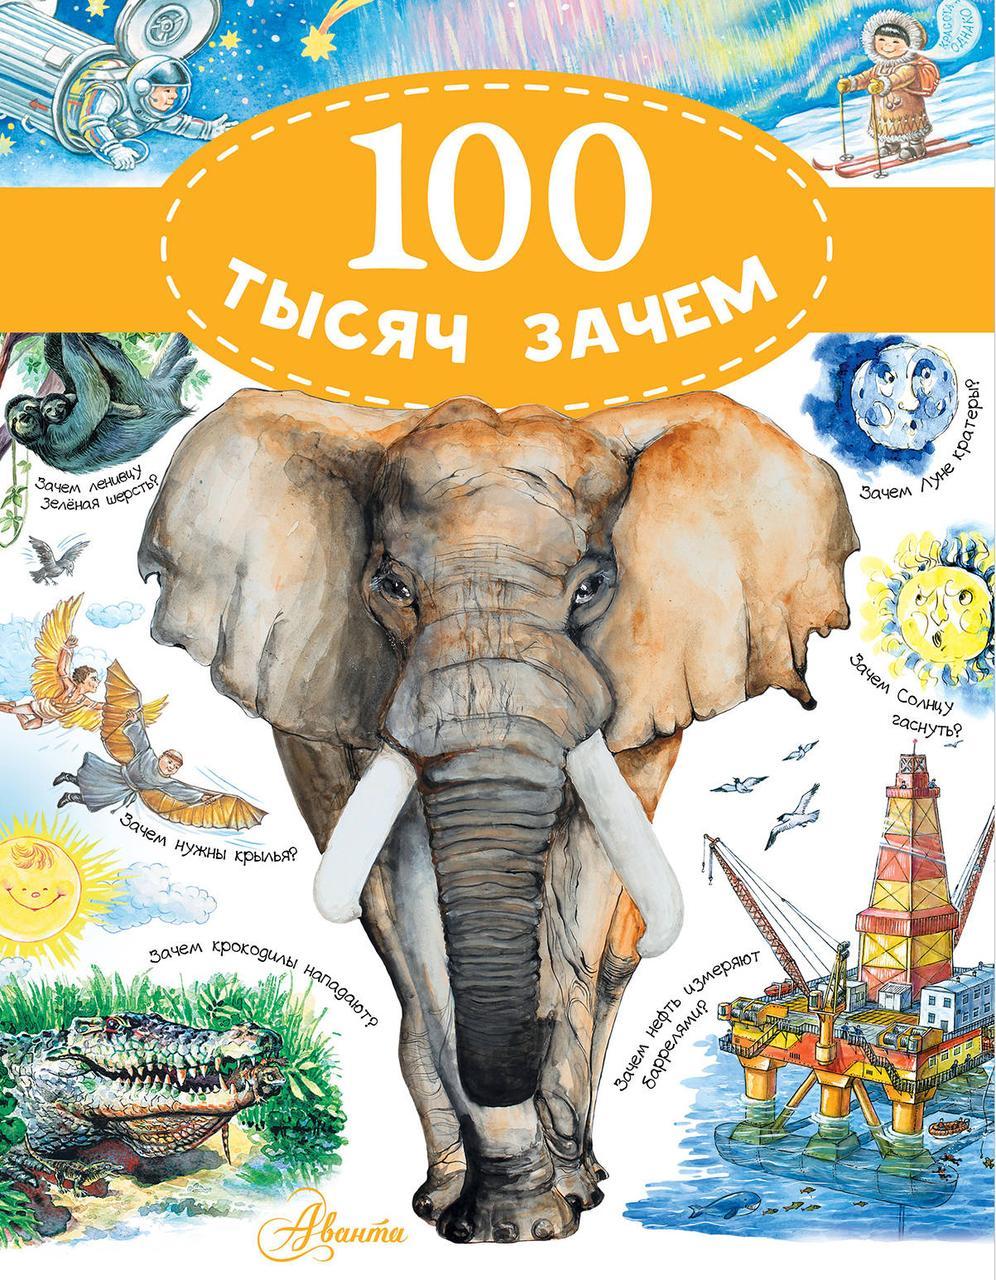 Малов Владимир Игоревич 100 тысяч зачем - Малов Владимир Игоревич